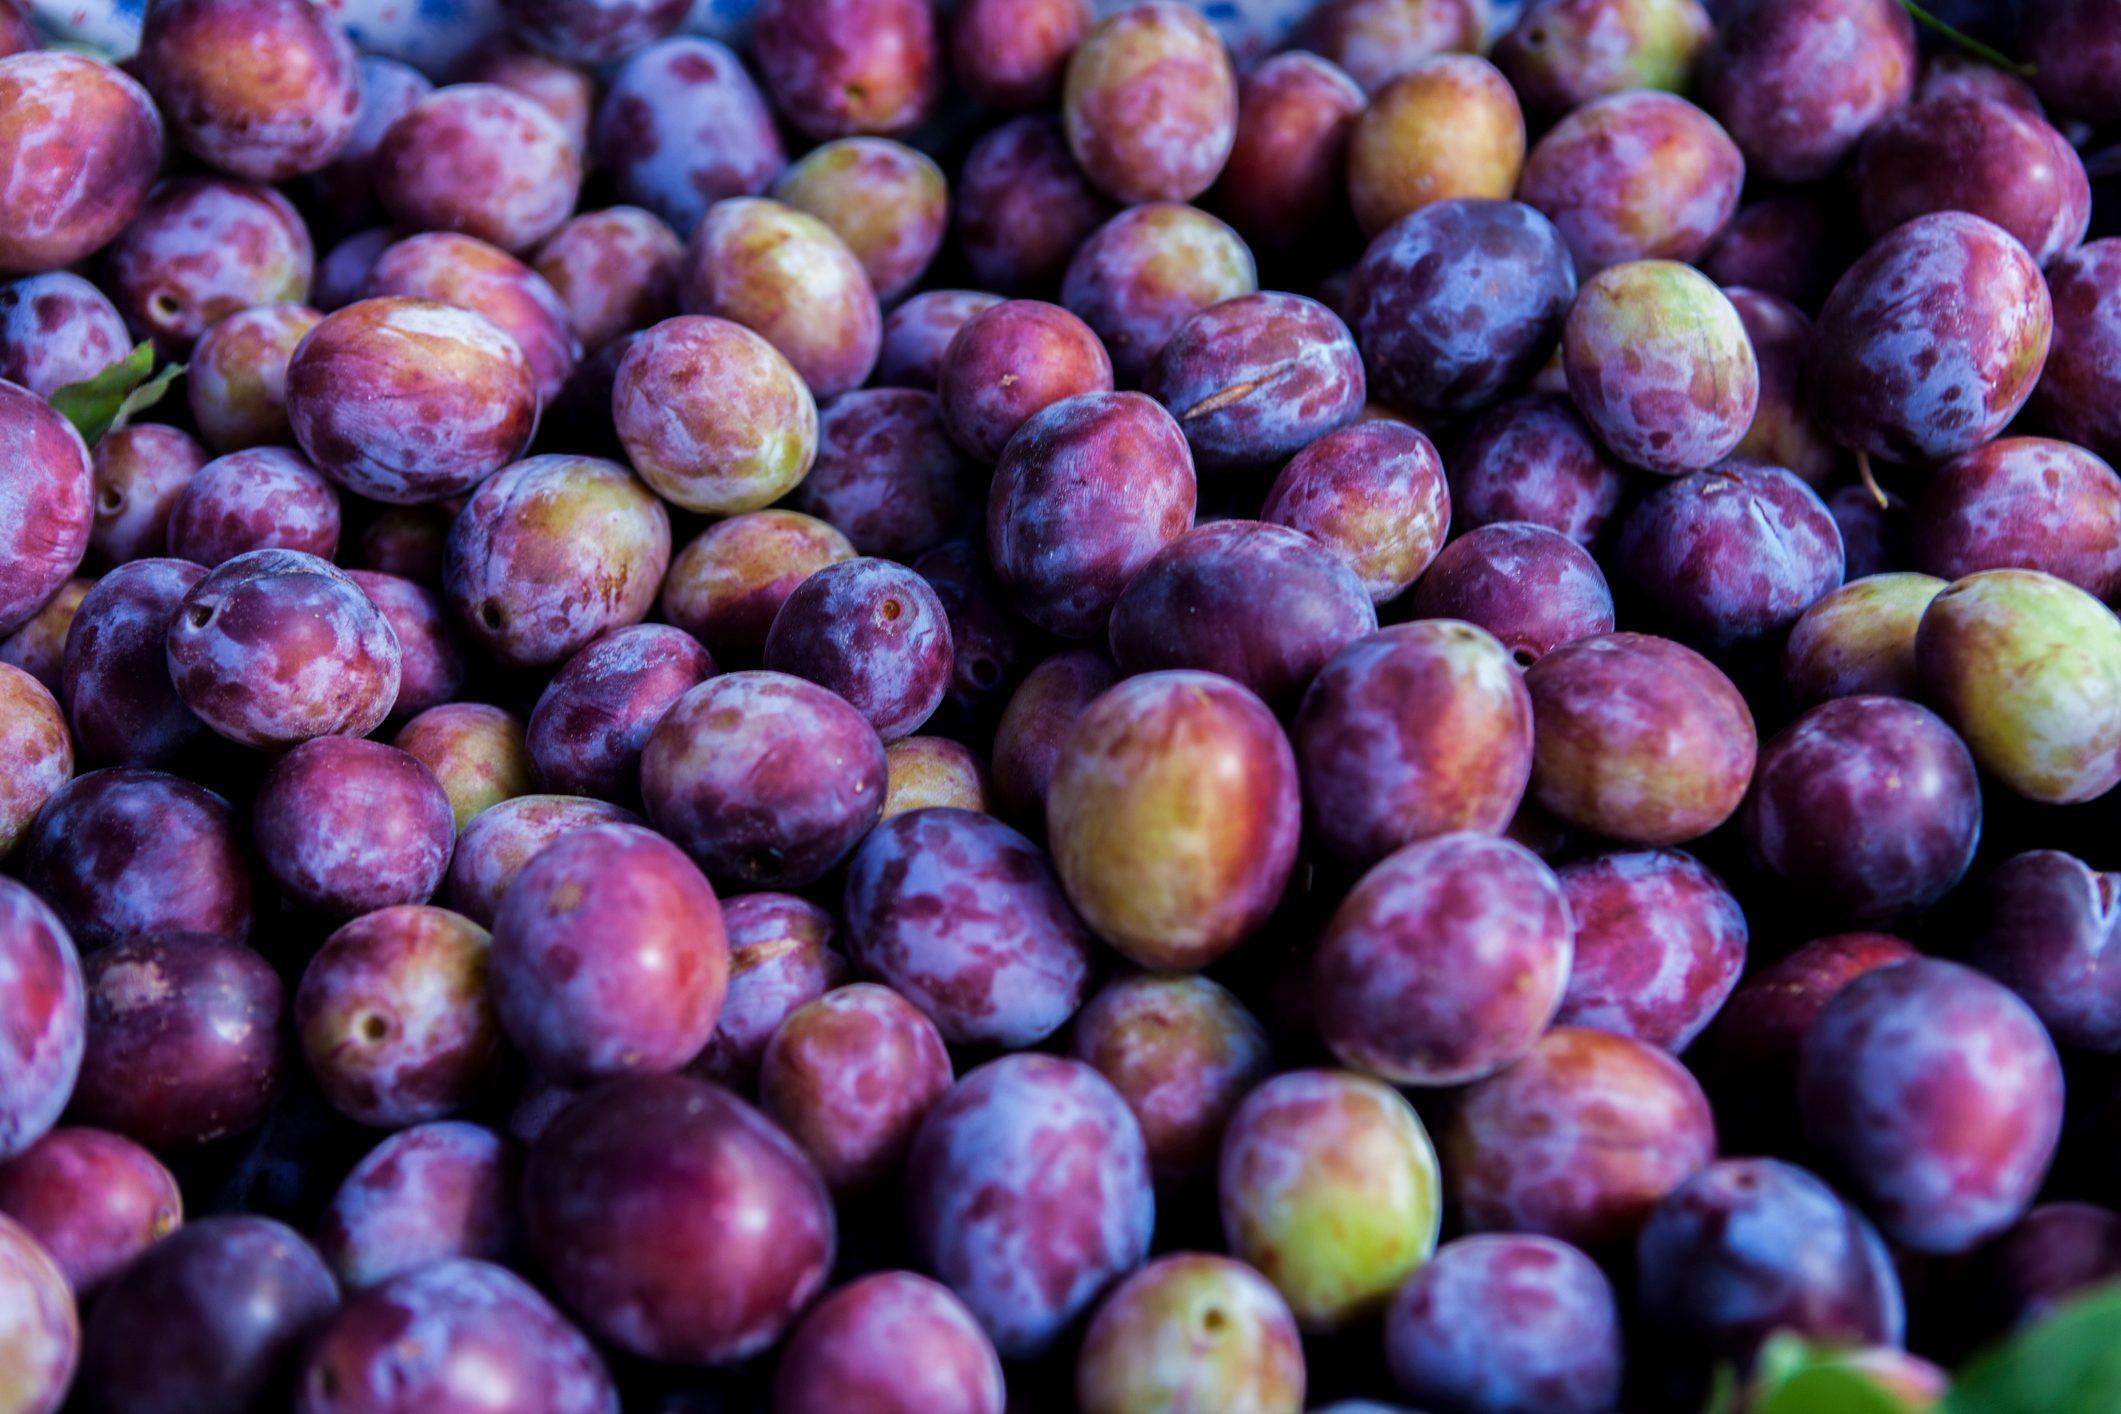 Full-frame of damson plums.